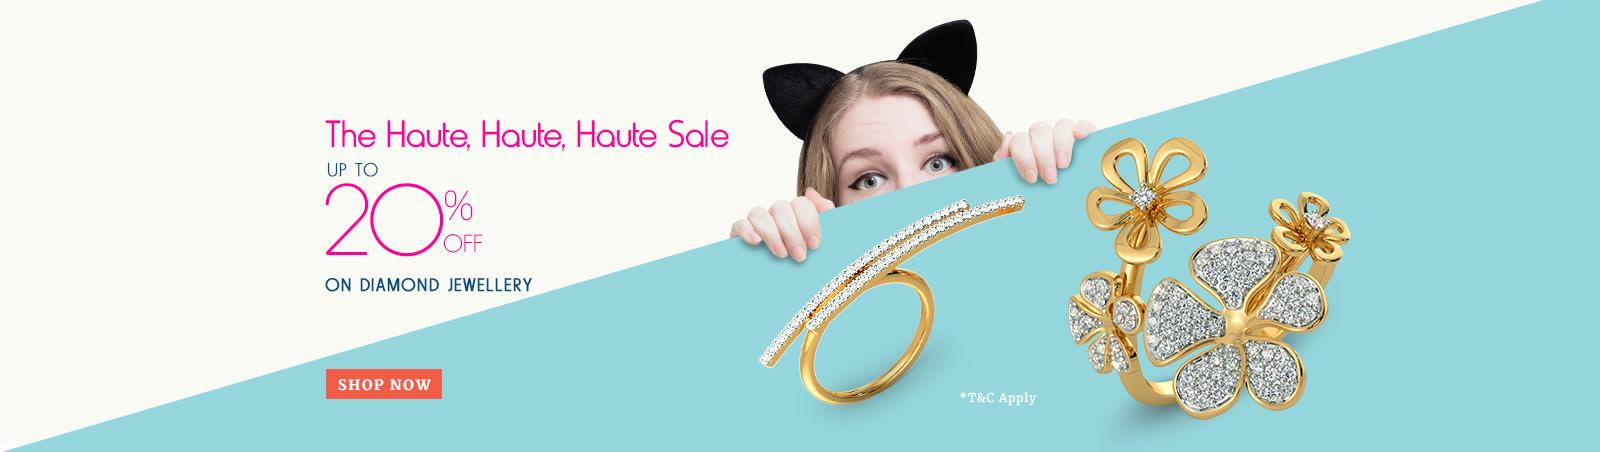 Haute Haute Sale